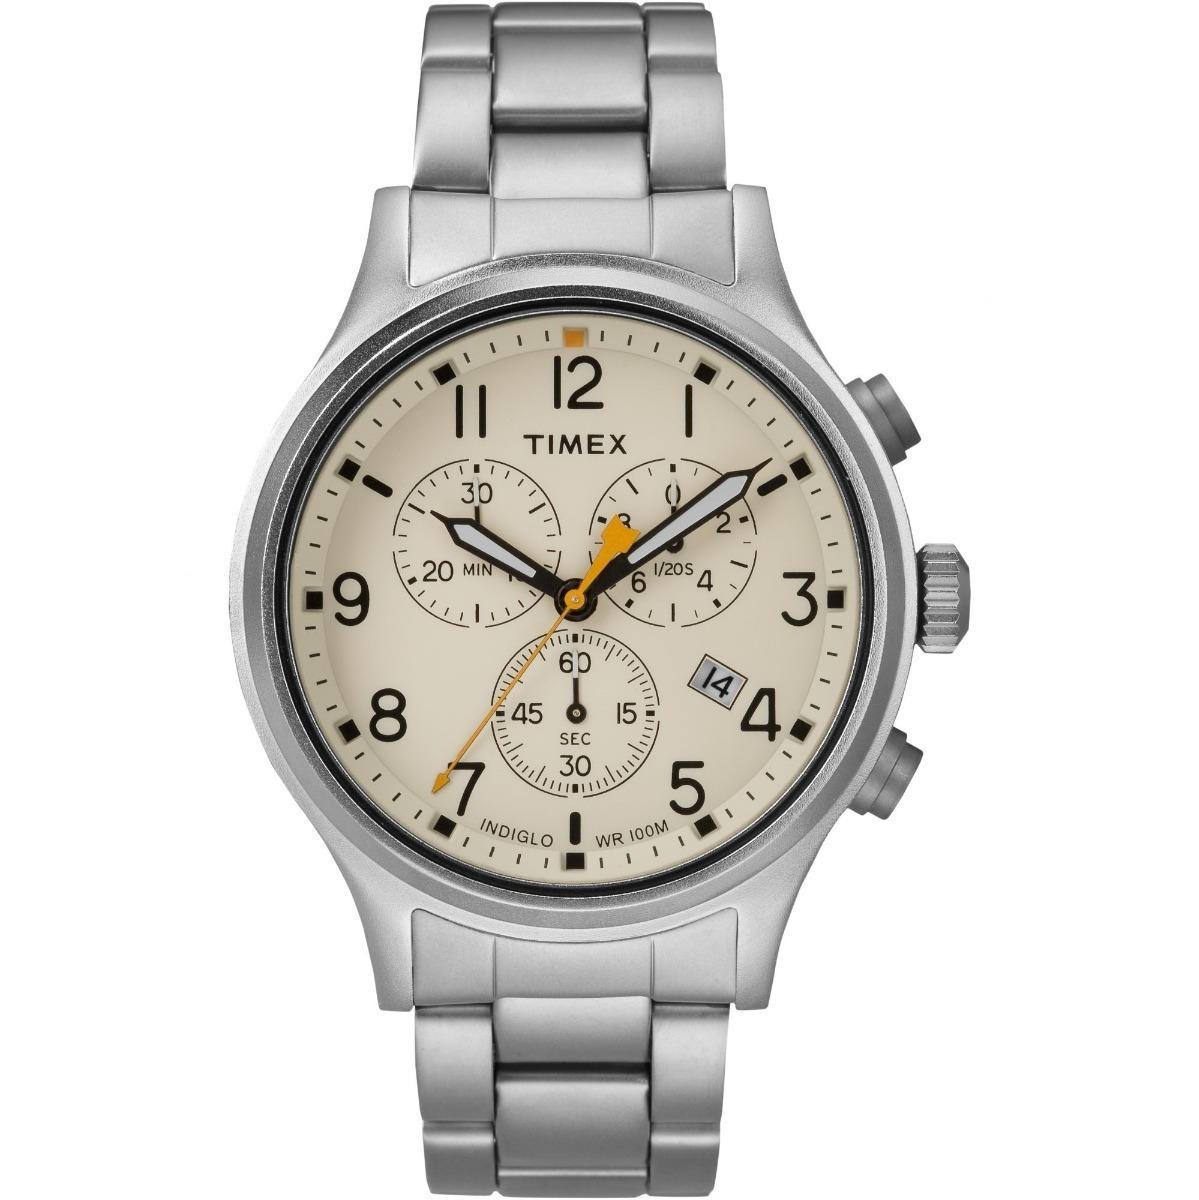 635ec86a0766 reloj timex tw2r47600 100% original para caballero. Cargando zoom.